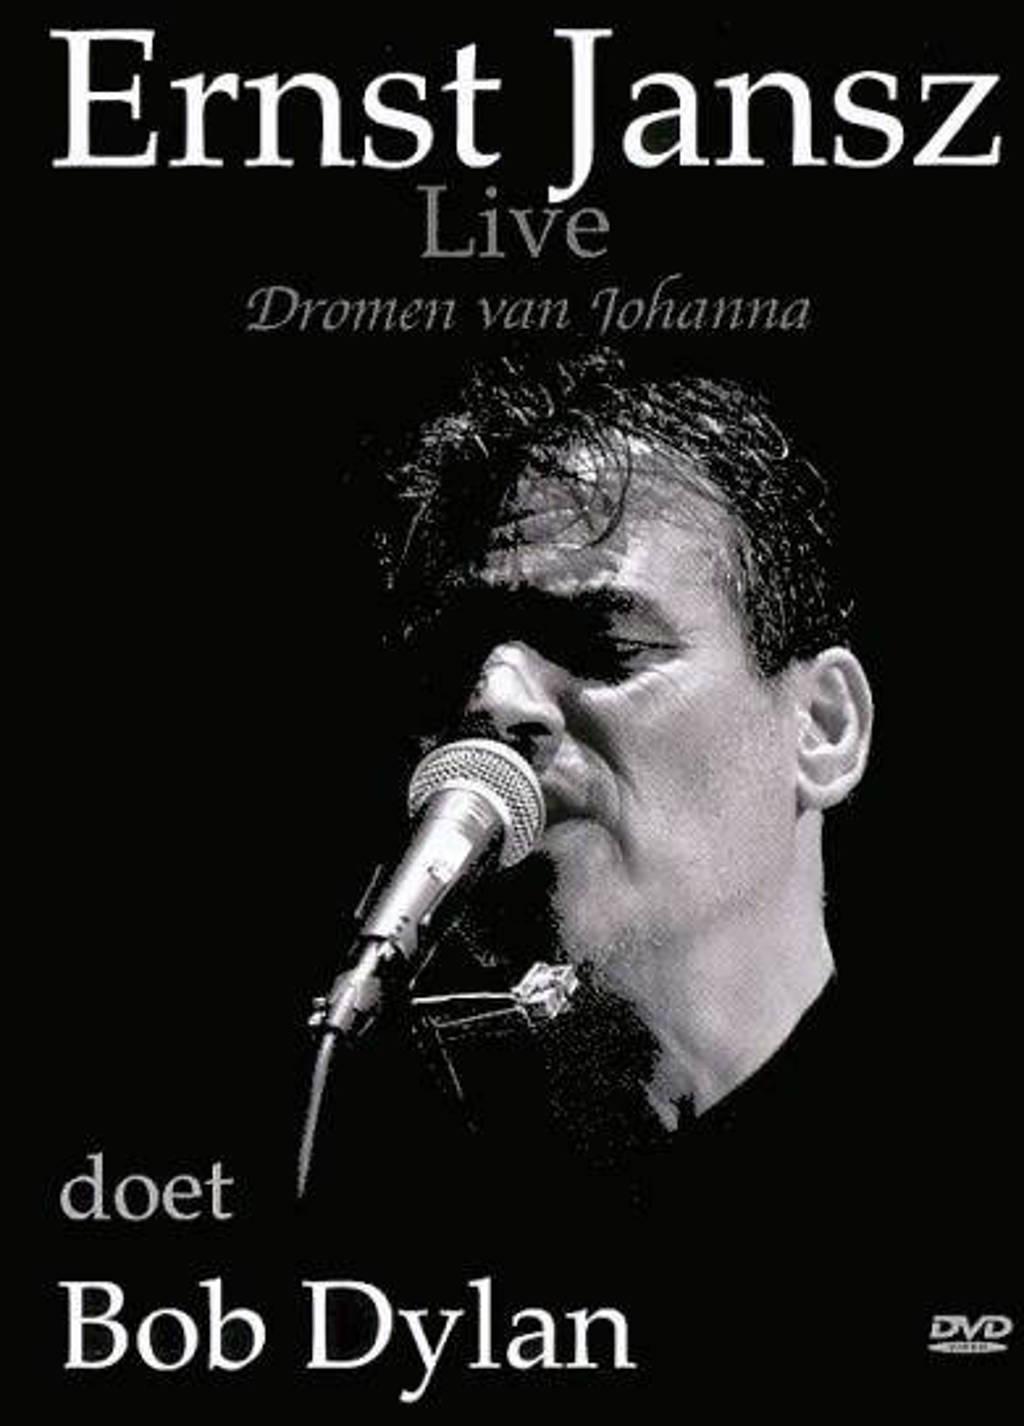 Ernst (Doet Bob Dylan) Jansz - Dromen Van Johanna - Live (DVD)